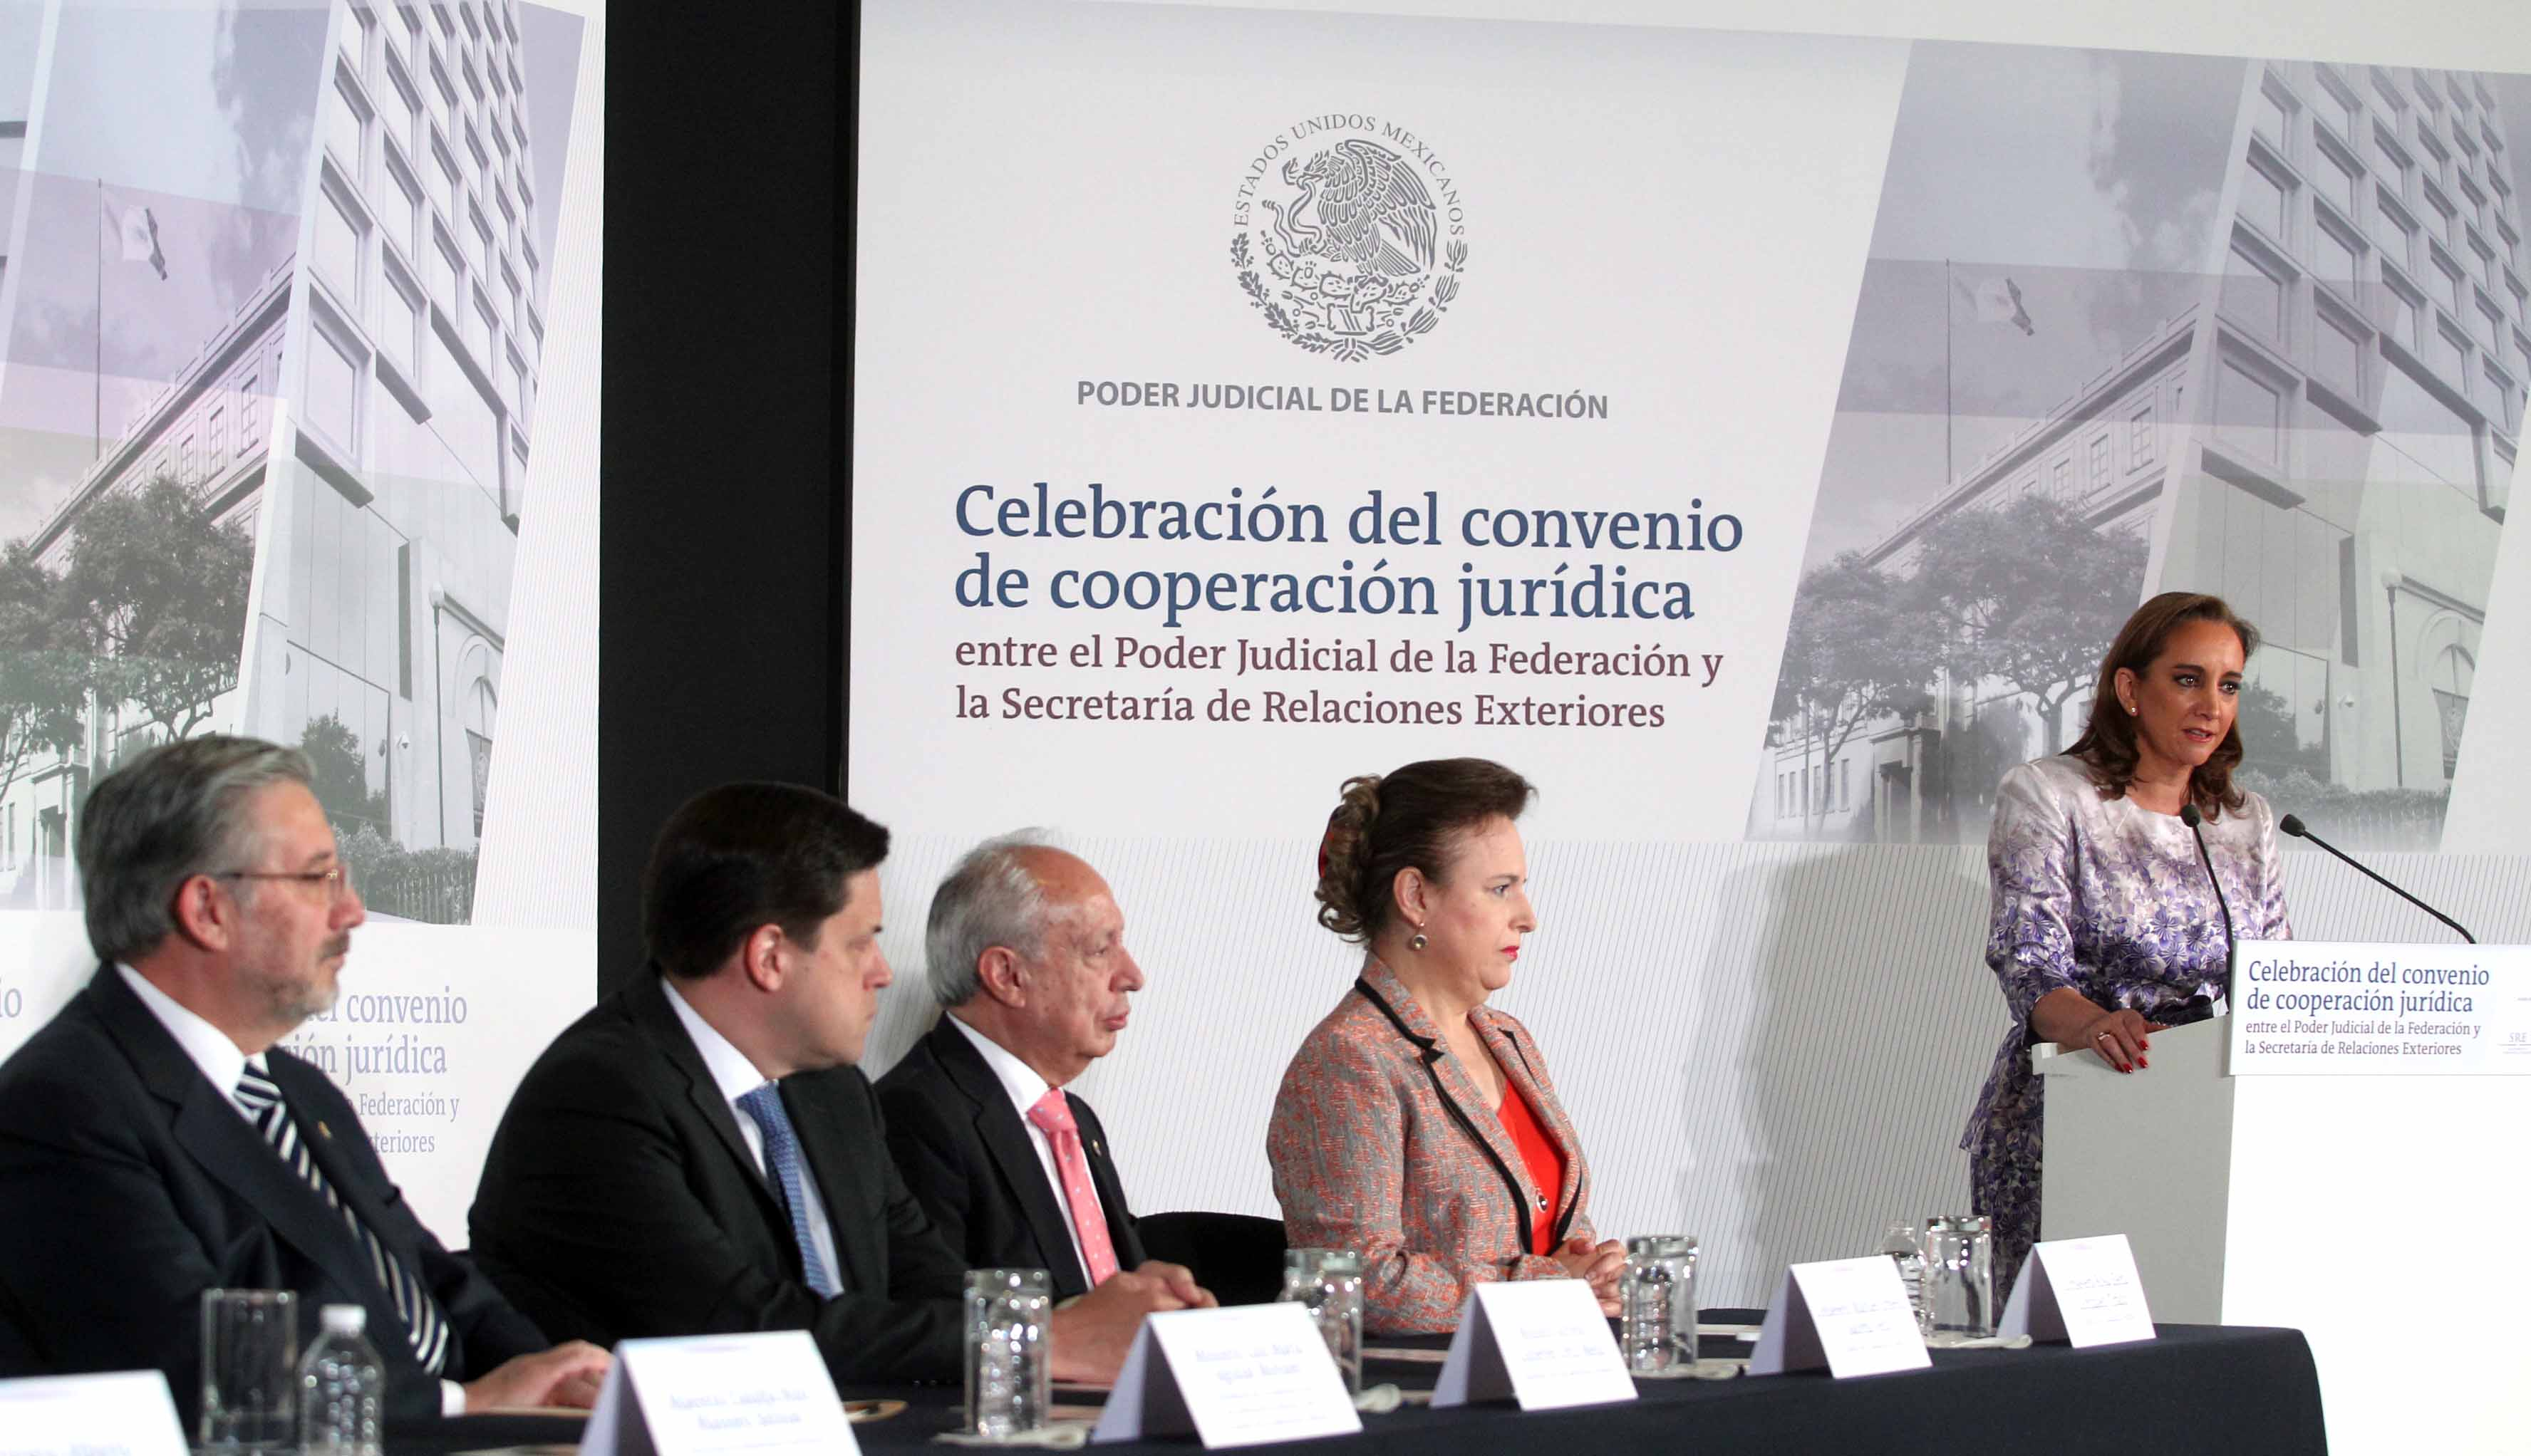 Celebración del Convenio de Cooperación Jurídica entre el PJF y la SRE.